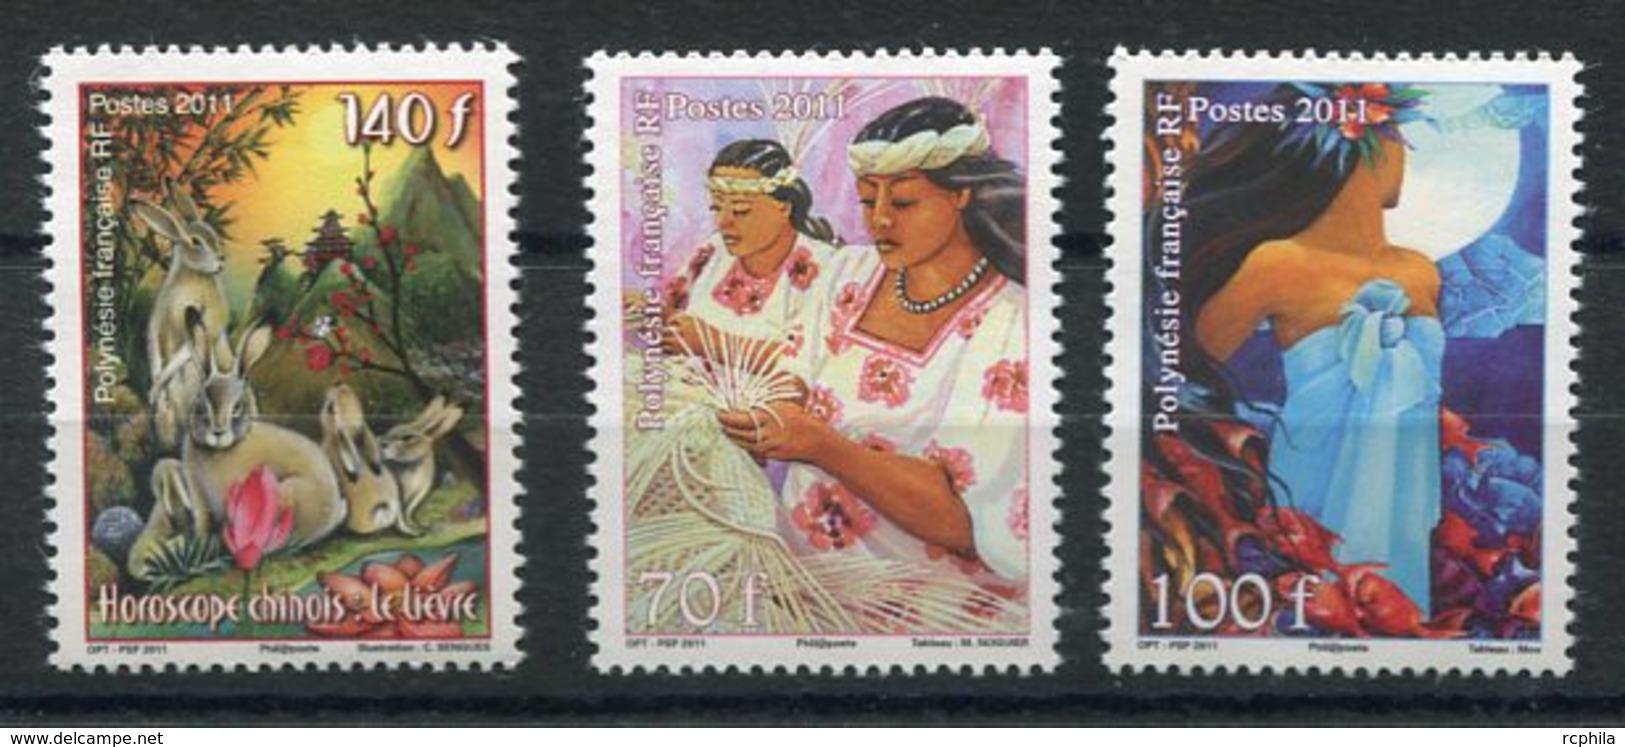 RC 12694 POLYNÉSIE N° 939 + 940 / 941 ANNÉE DU LIÈVRE ET JOURNÉE DE LA FEMME NEUF ** - Polynésie Française